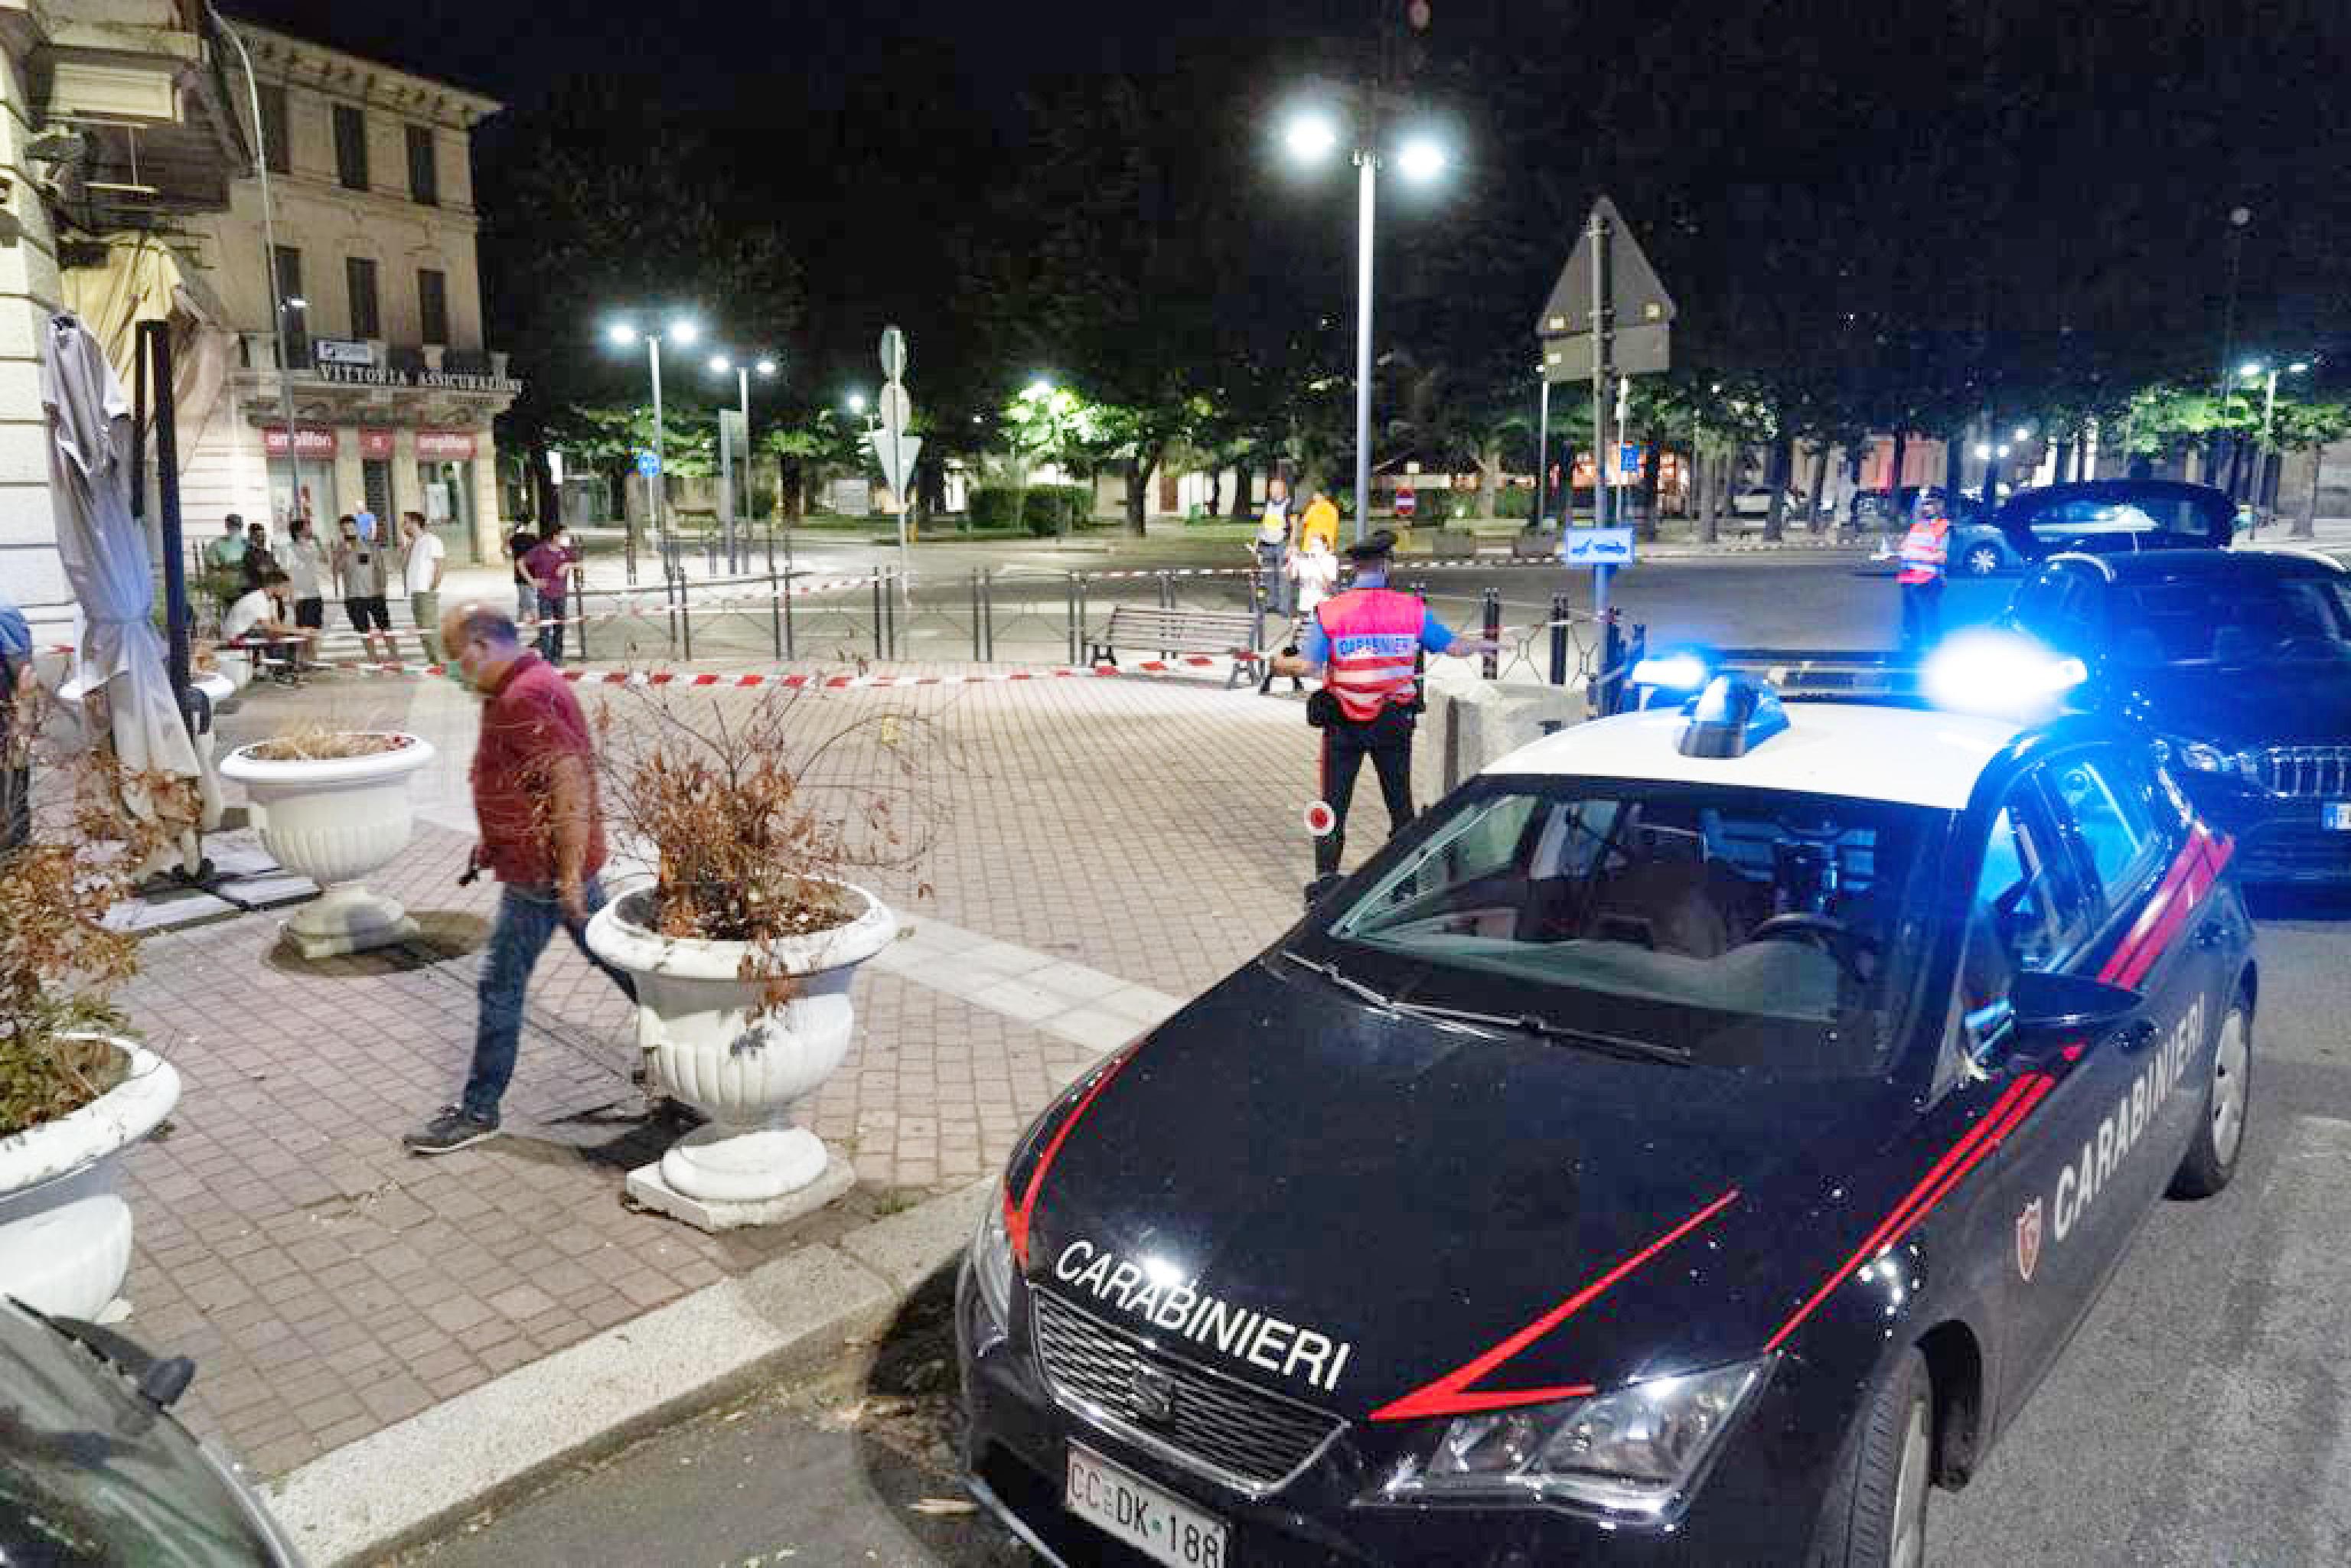 L'ex assessore Adriatici torna libero, a rischio vendette: scatta la sorveglianza dopo le prime minacce in arabo sui social